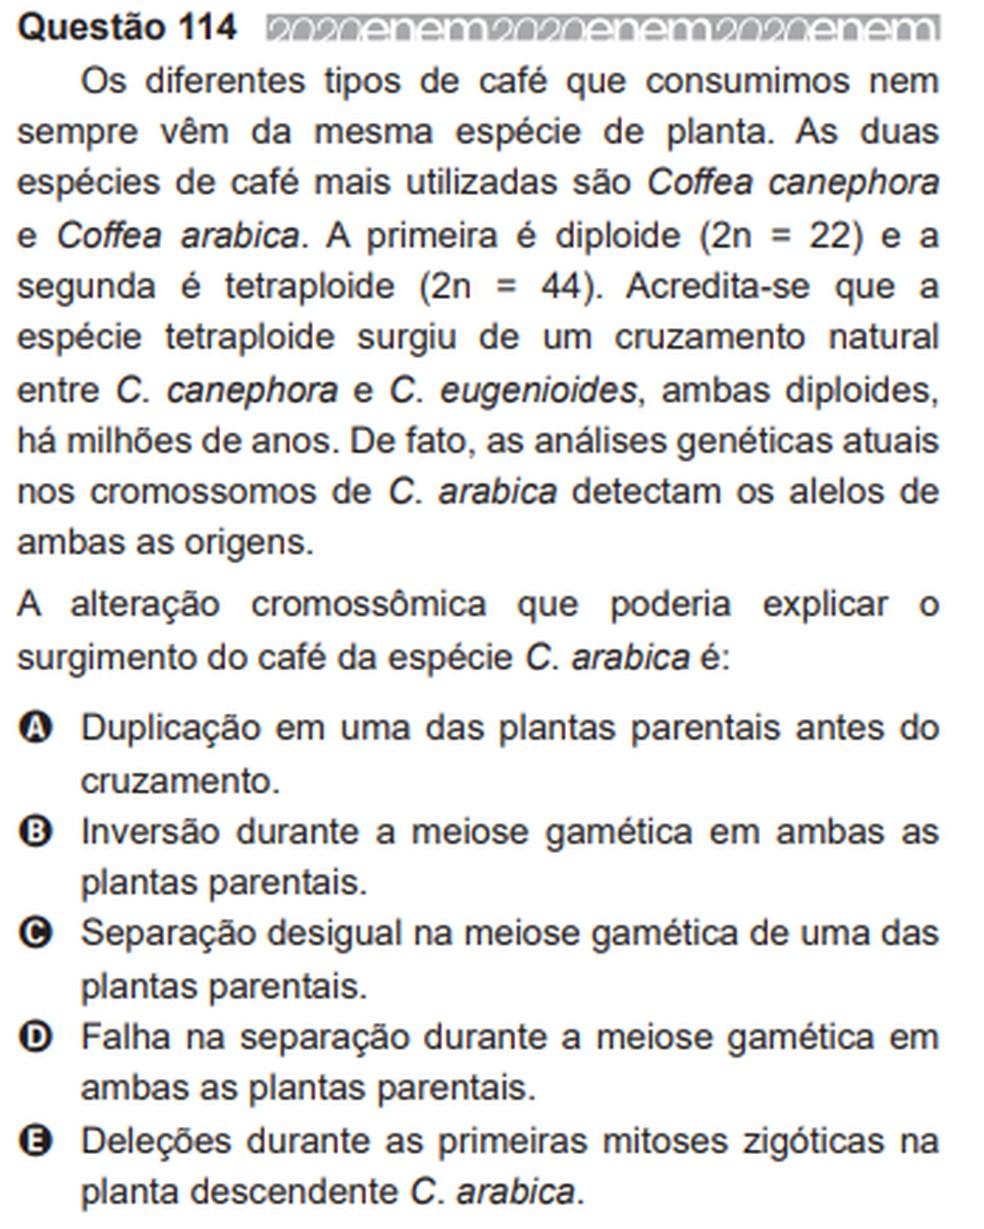 Inep anula questões do Enem 2020: na imagem, questão de ciências da natureza abordava a alteração cromossômica no café arábica — Foto: Reprodução/Inep